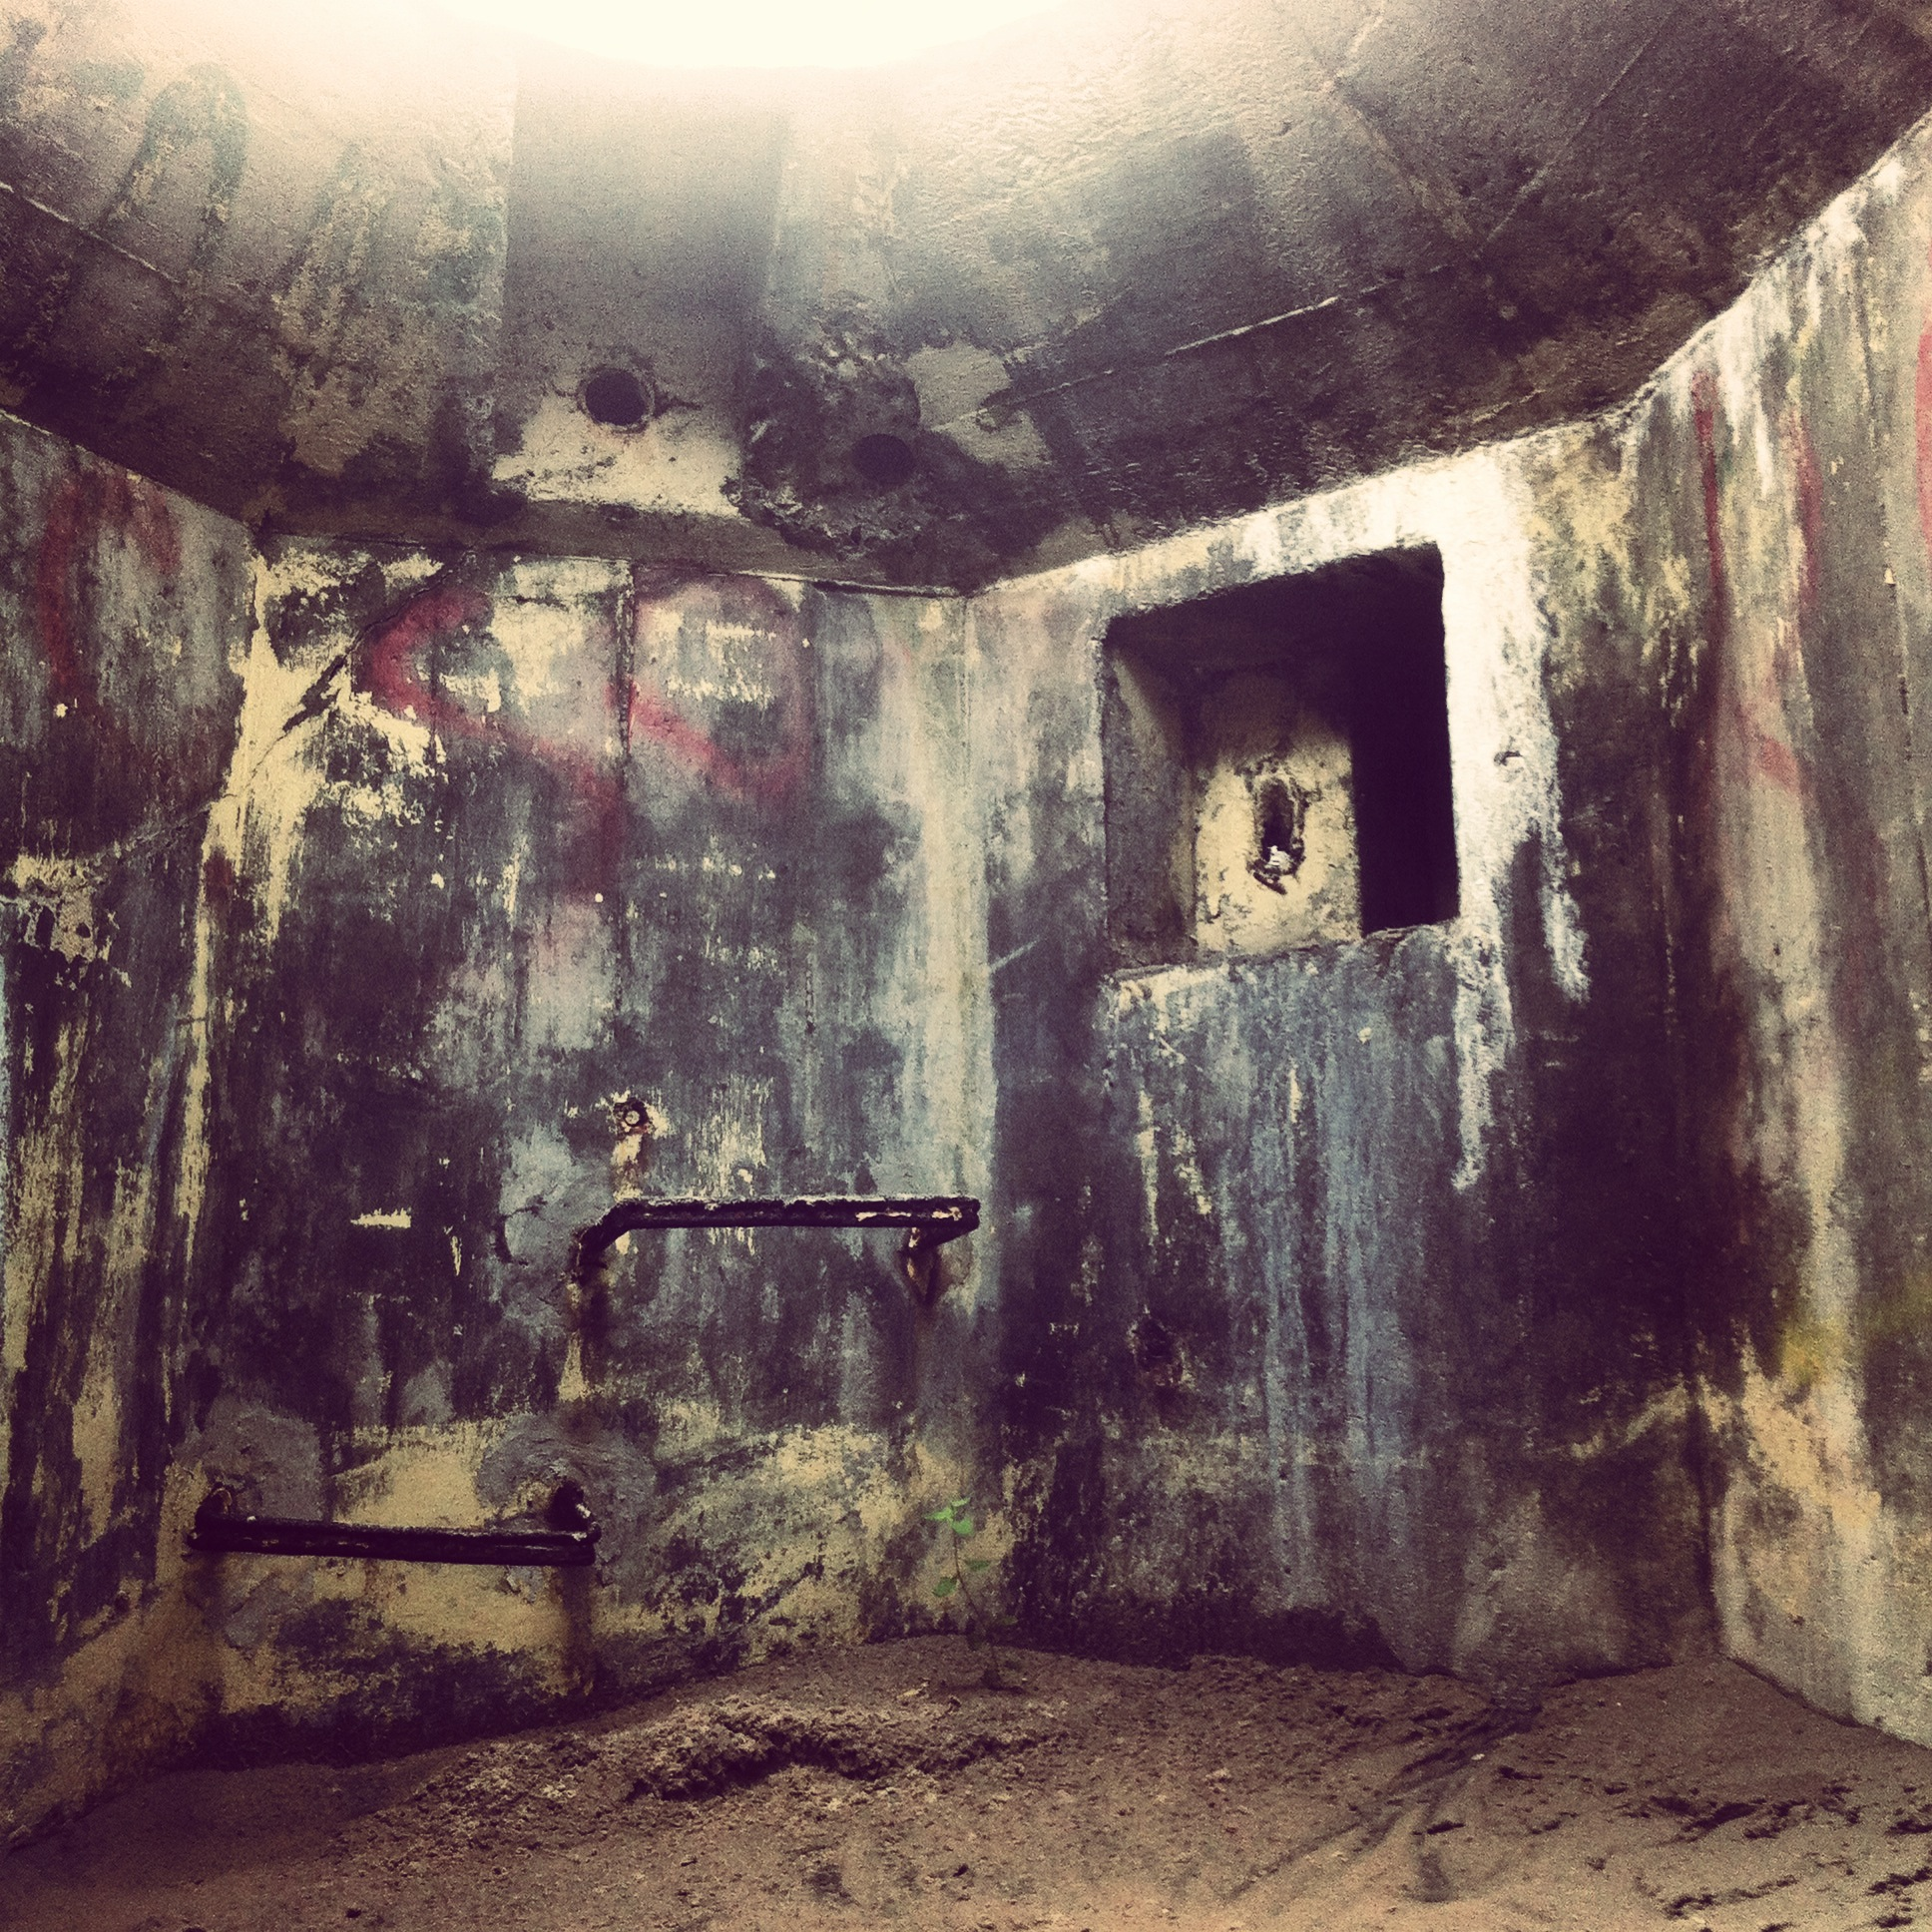 DK Bunker